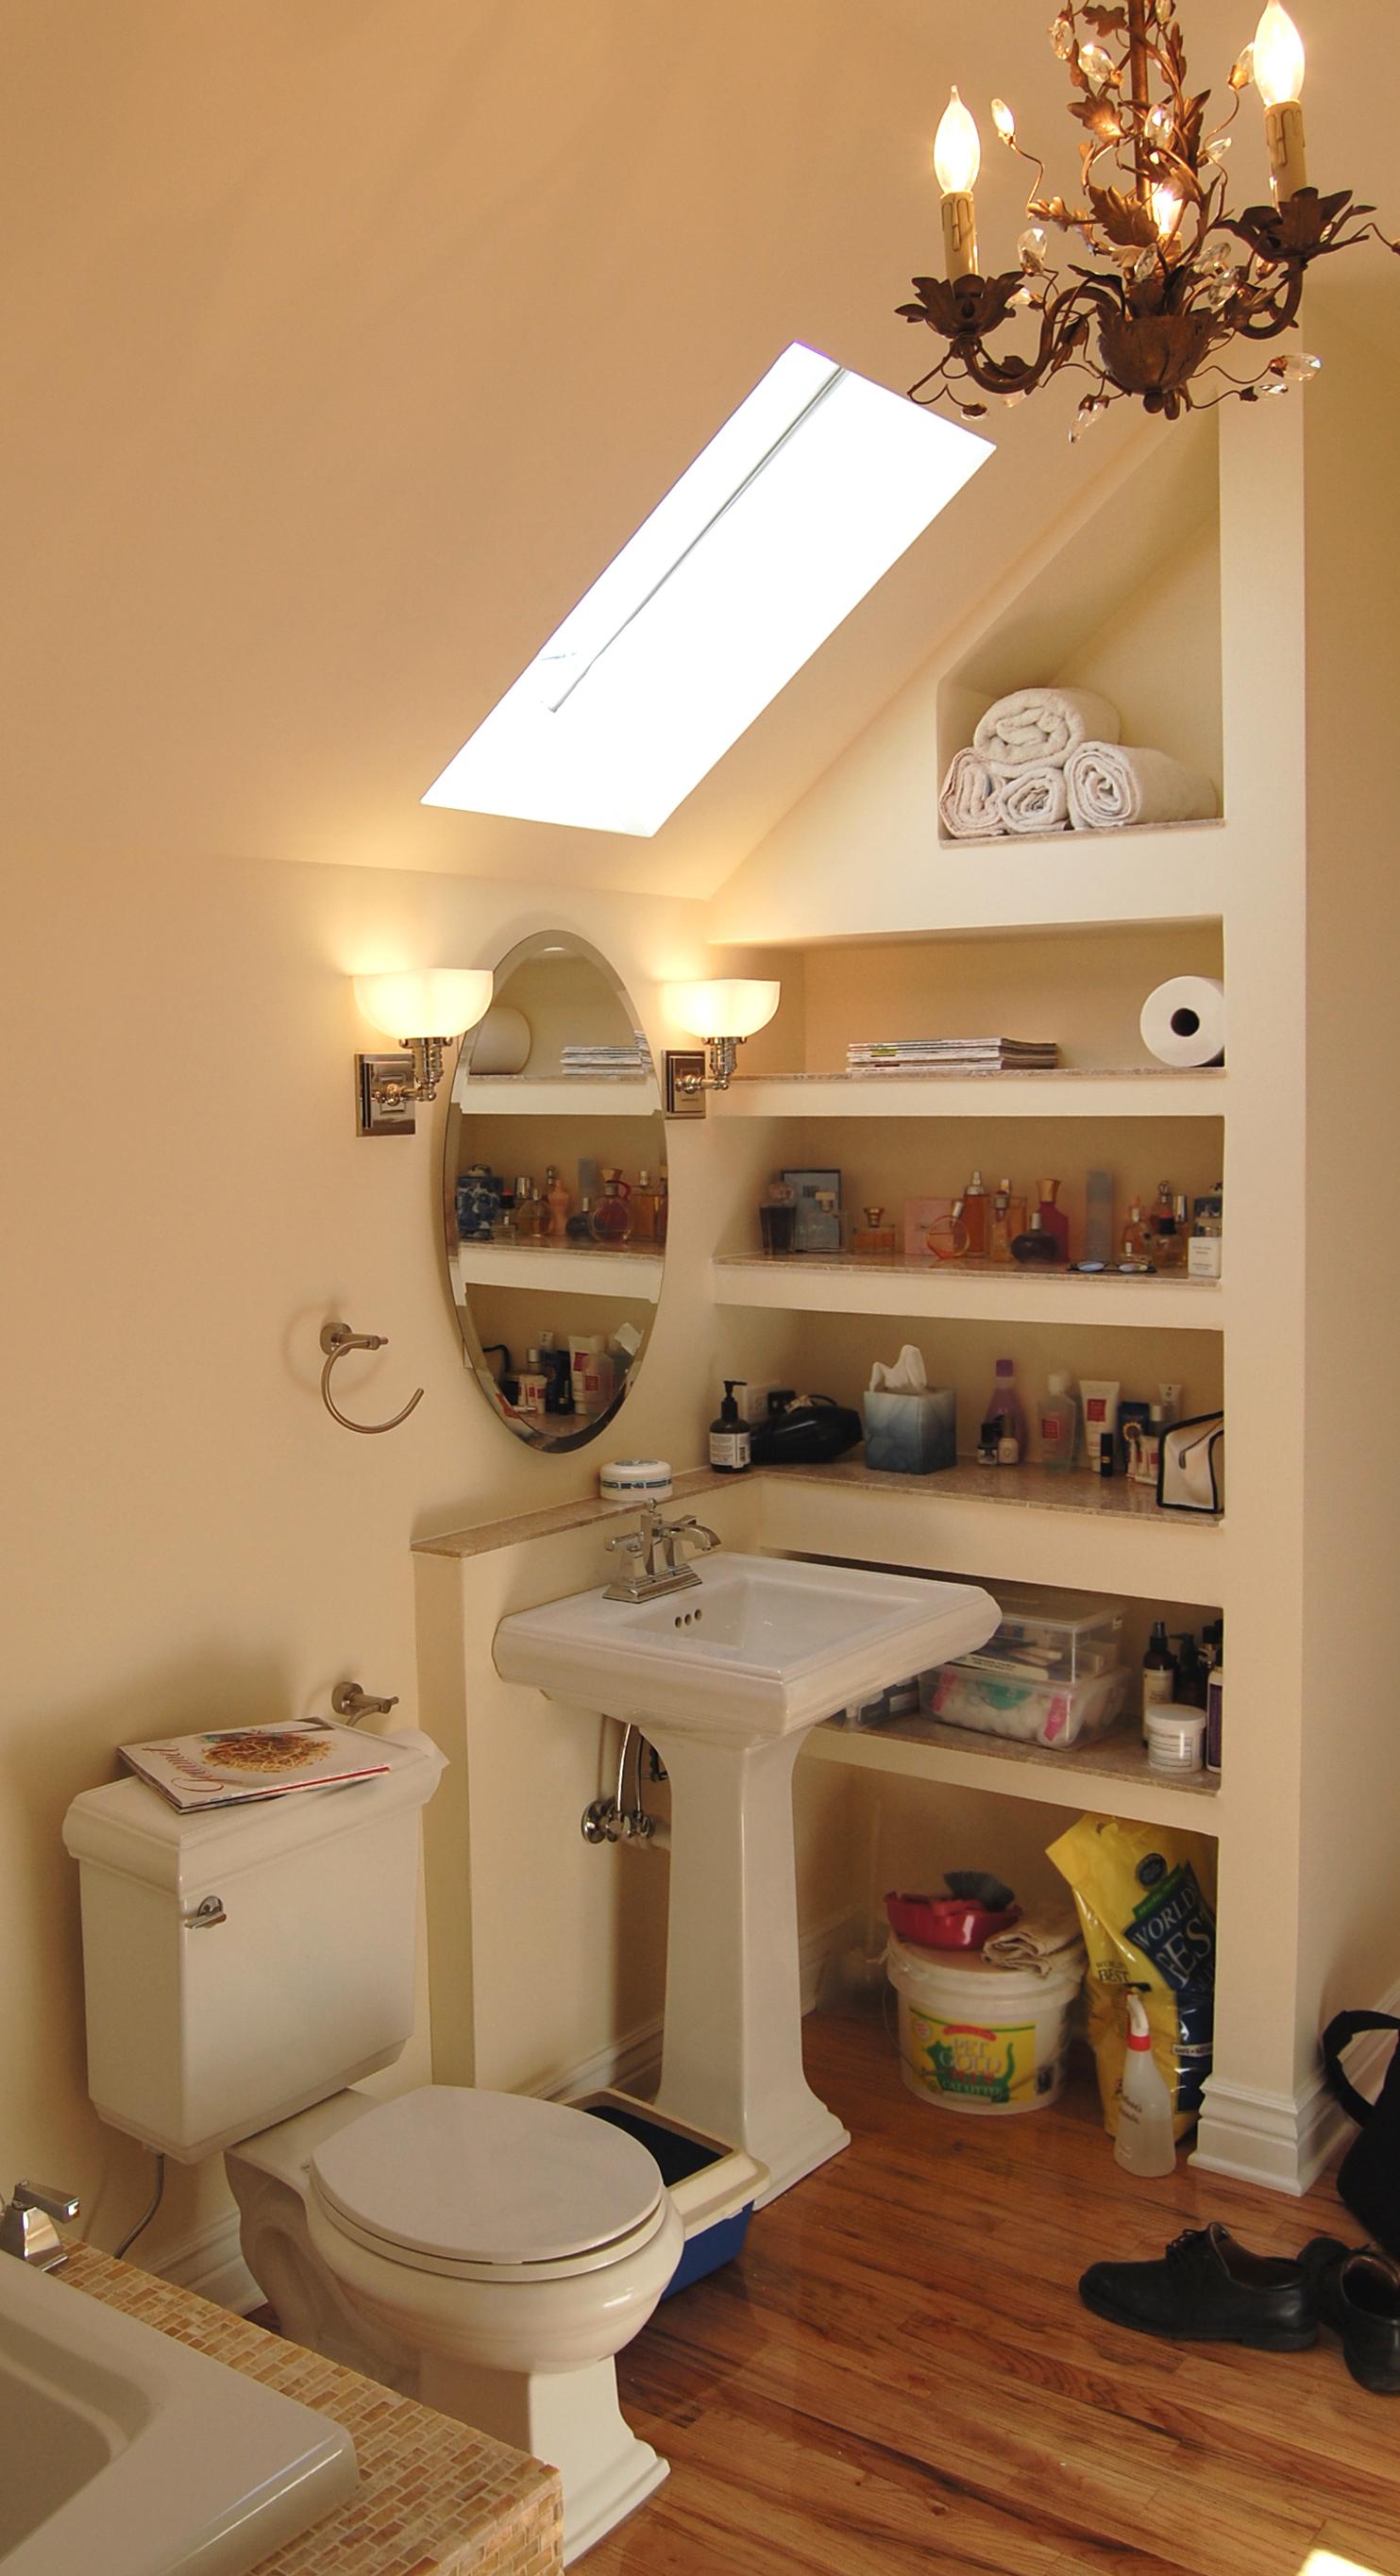 custom residential gut renovated bathroom skylight toilet sink built in shelving